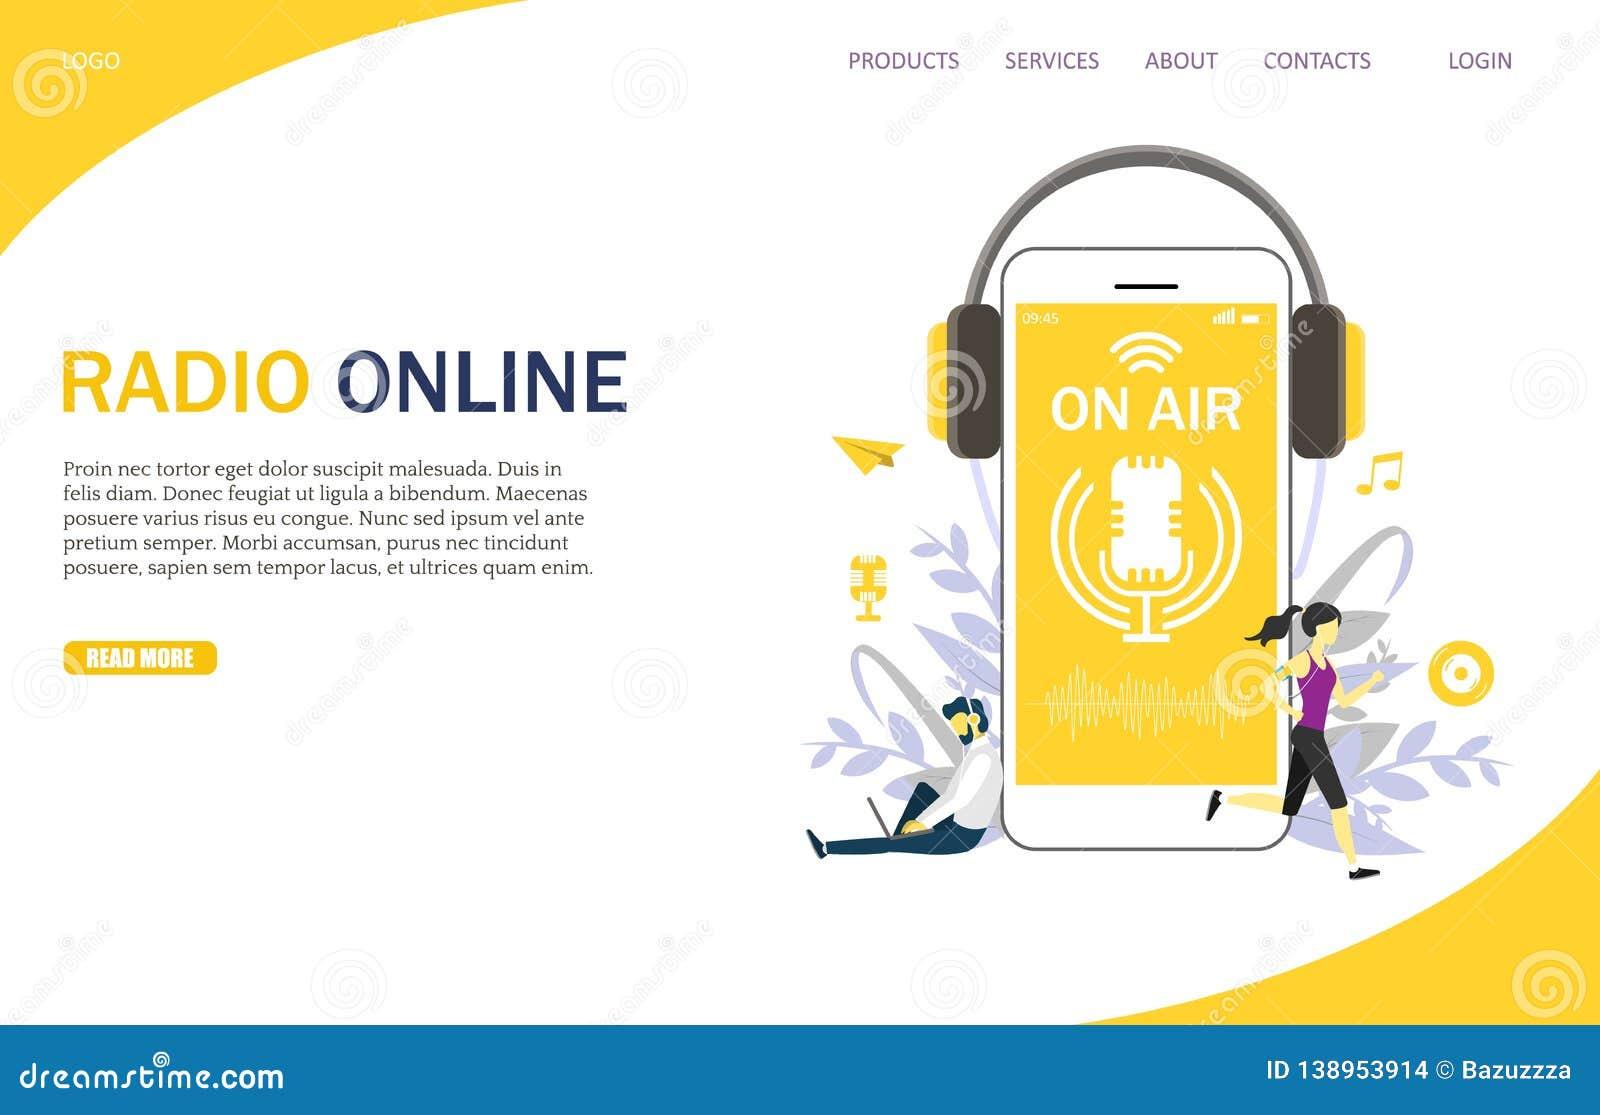 Radio Online Vector Website Landing Page Design Template